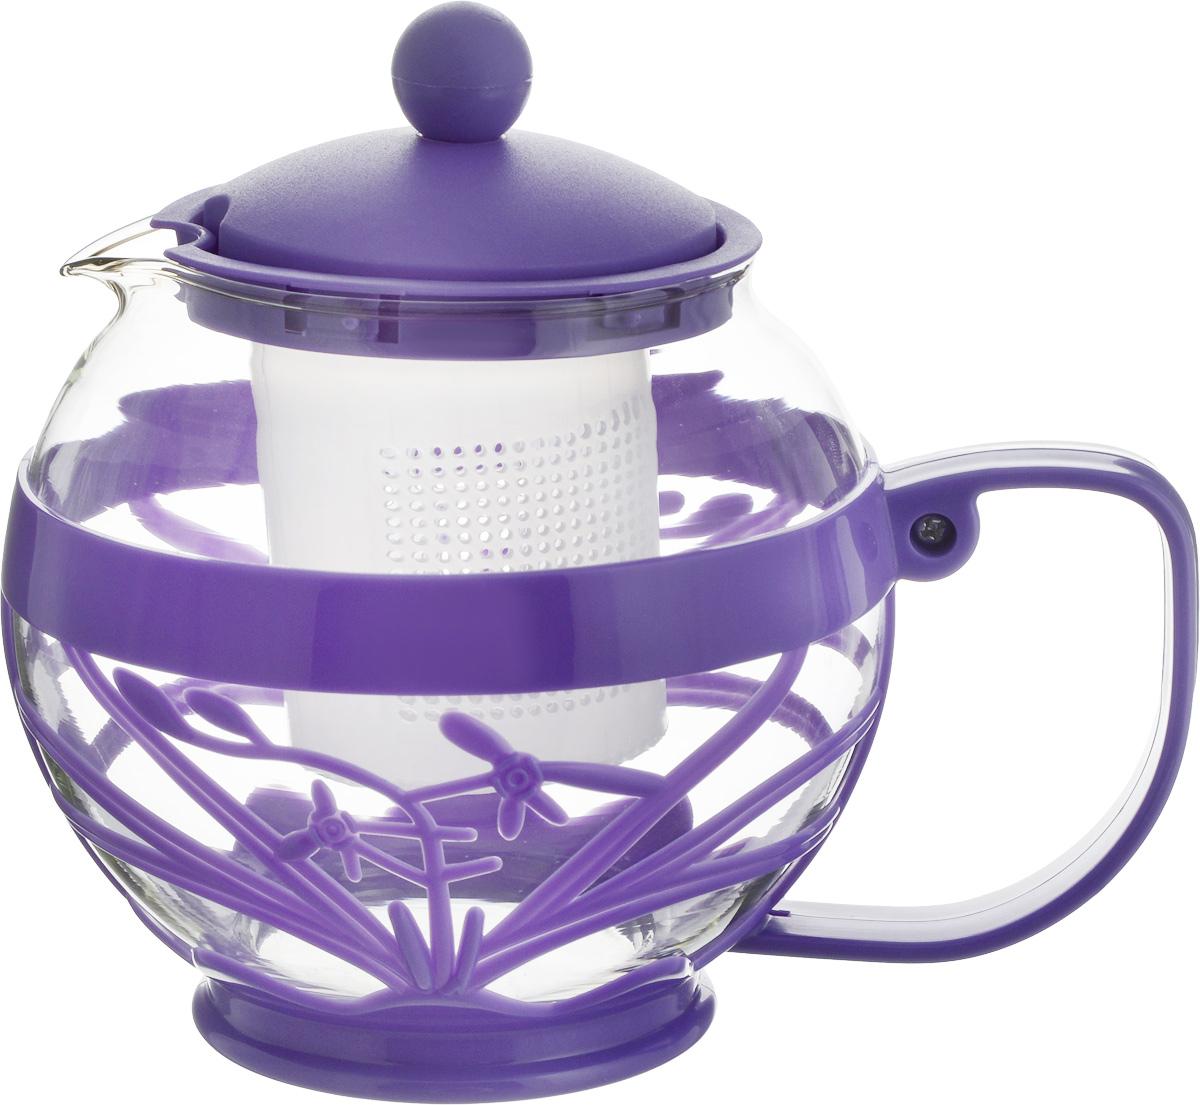 Чайник заварочный Wellberg Aqual, с фильтром, цвет: прозрачный, фиолетовый, 800 мл361 WB_прозрачный, фиолетовыйЗаварочный чайник Wellberg Aqual изготовлен из высококачественного пластика и жаропрочного стекла. Чайник имеет пластиковый фильтр и оснащен удобной ручкой. Он прекрасно подойдет для заваривания чая и травяных напитков. Такой заварочный чайник займет достойное место на вашей кухне.Высота чайника (без учета крышки): 11,5 см.Высота чайника (с учетом крышки): 14 см. Диаметр (по верхнему краю) 7 см.Высота сито: 6 см.